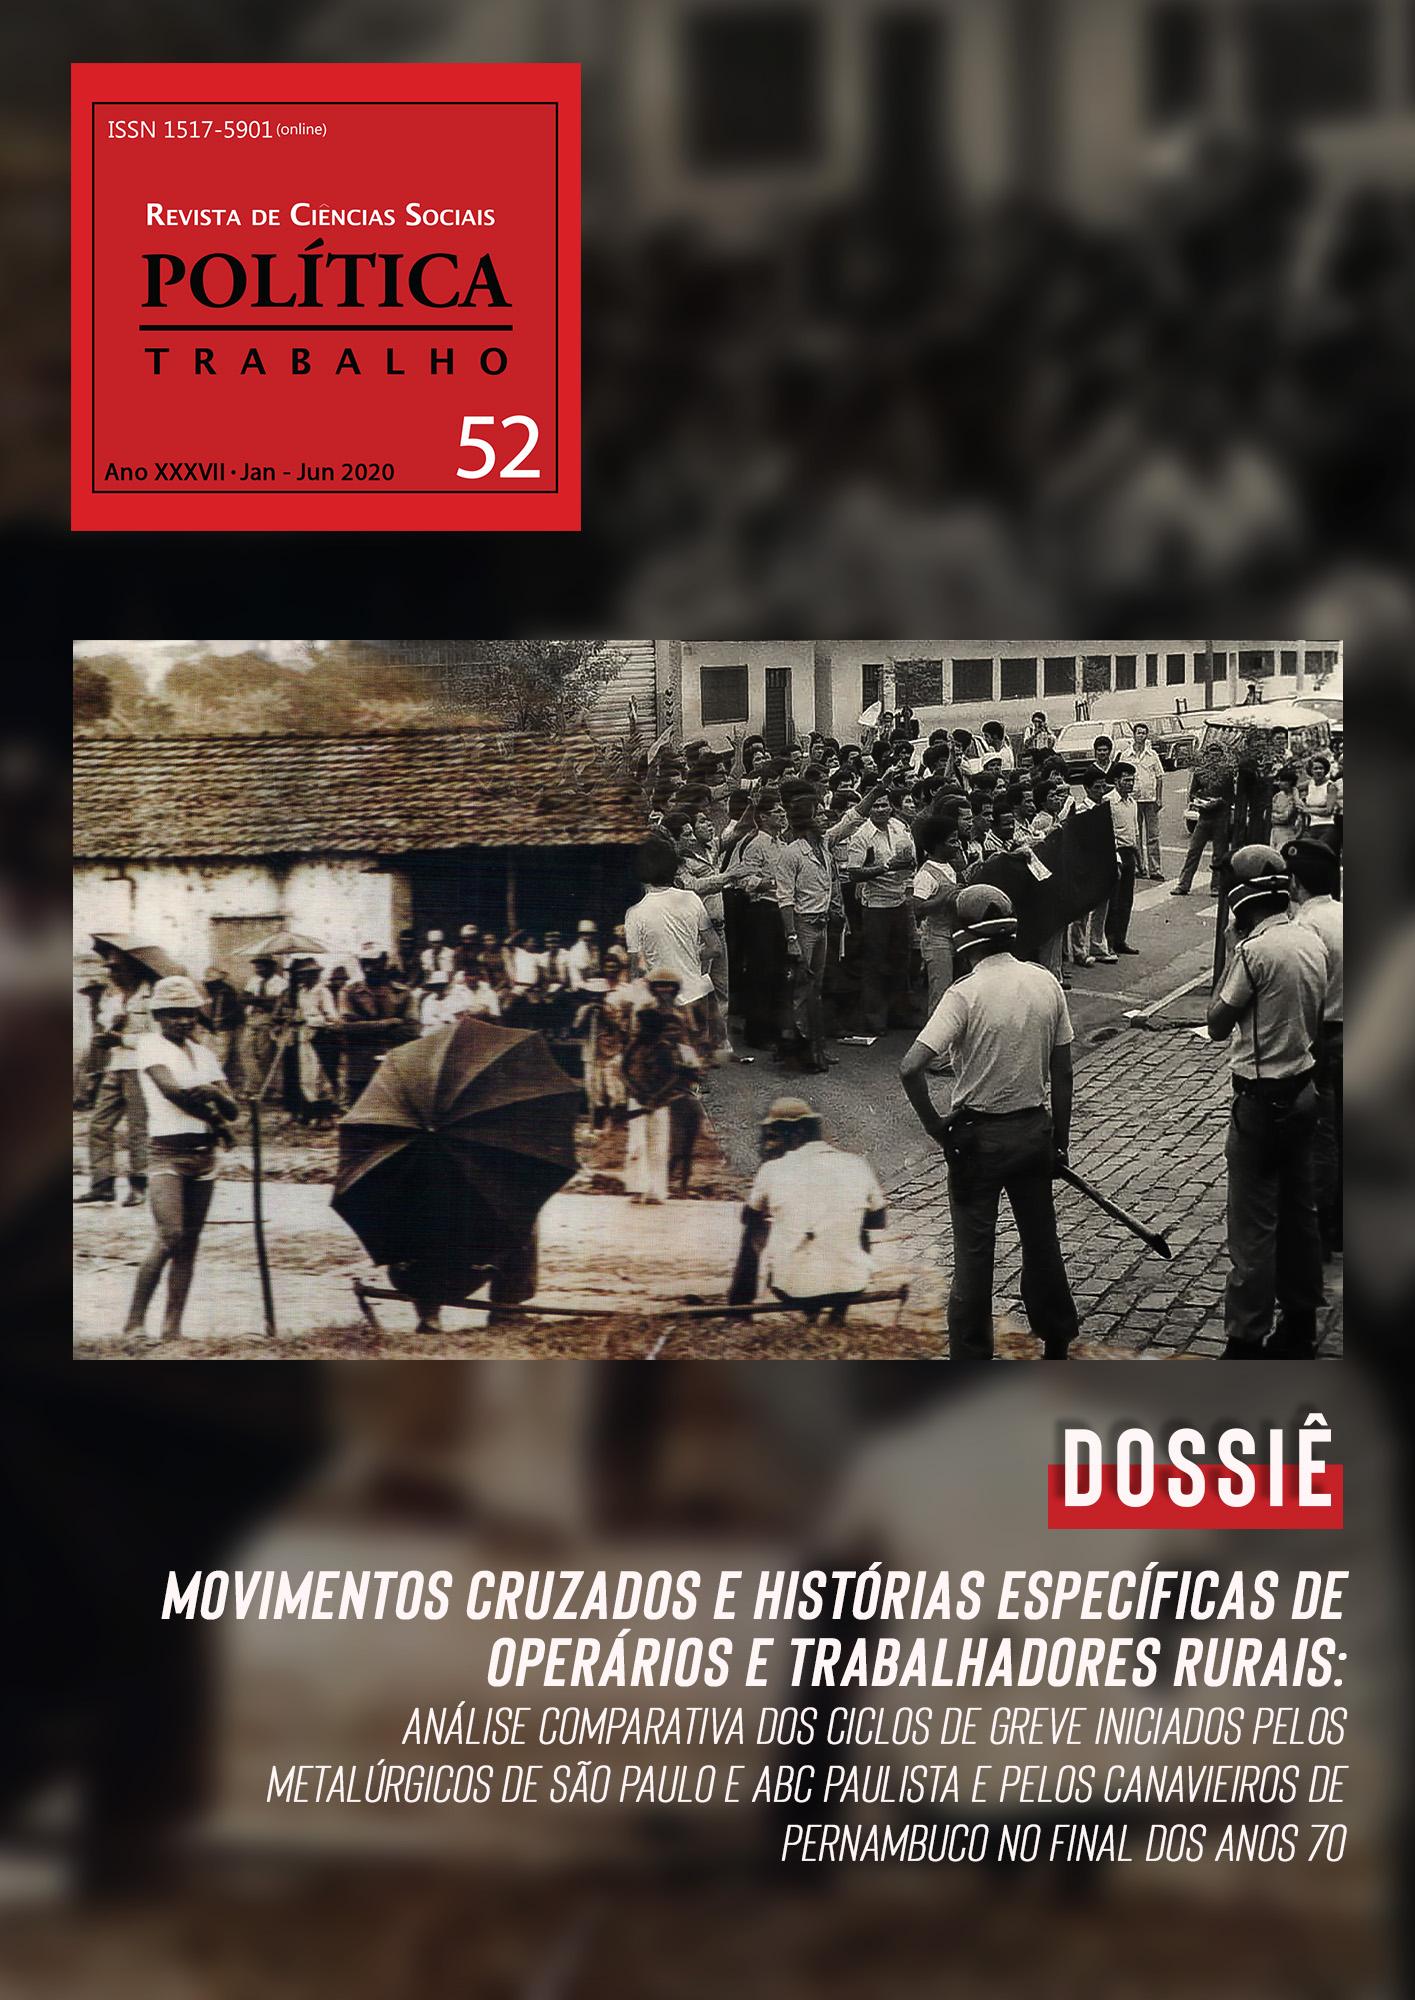 Visualizar n. 52: Movimentos cruzados e histórias específicas de operários e trabalhadores rurais: análise comparativa dos ciclos de greve iniciados pelos metalúrgicos de São Paulo e ABC paulista e pelos canavieiros de Pernambuco no final dos anos 70